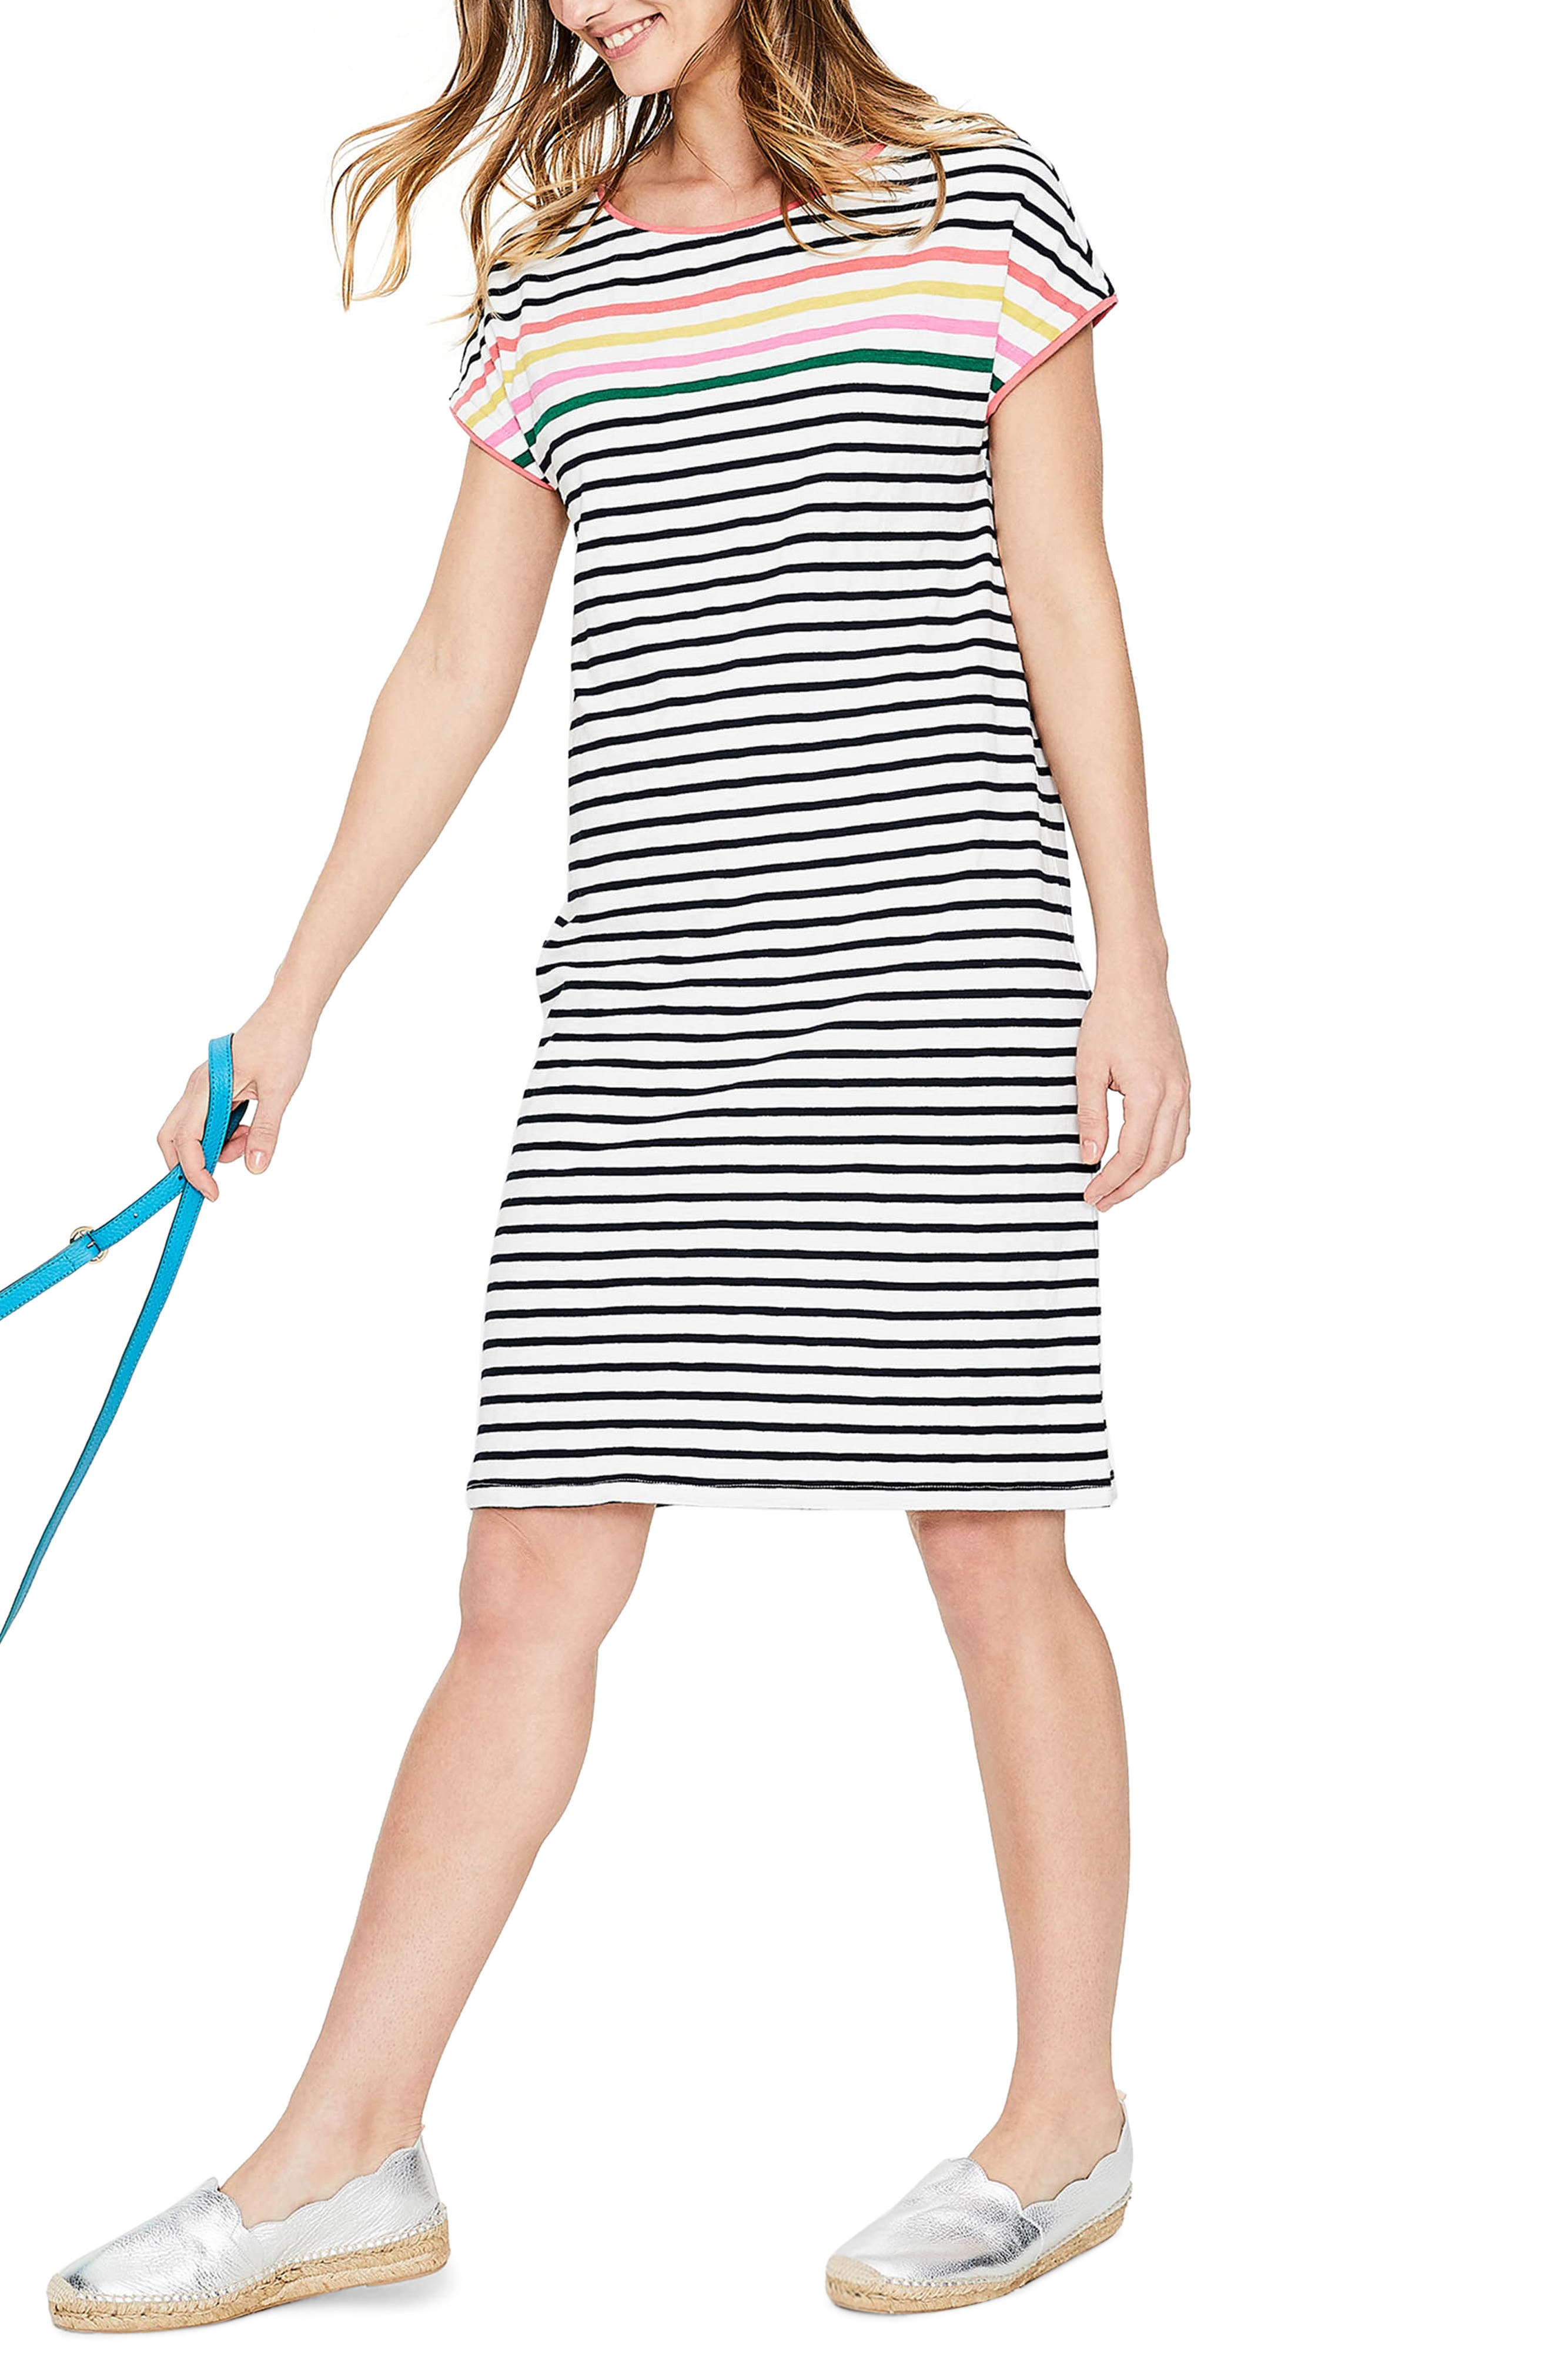 Paulina Stripe T-Shirt Dress,                             Main thumbnail 1, color,                             Rainbow Multi Stripe